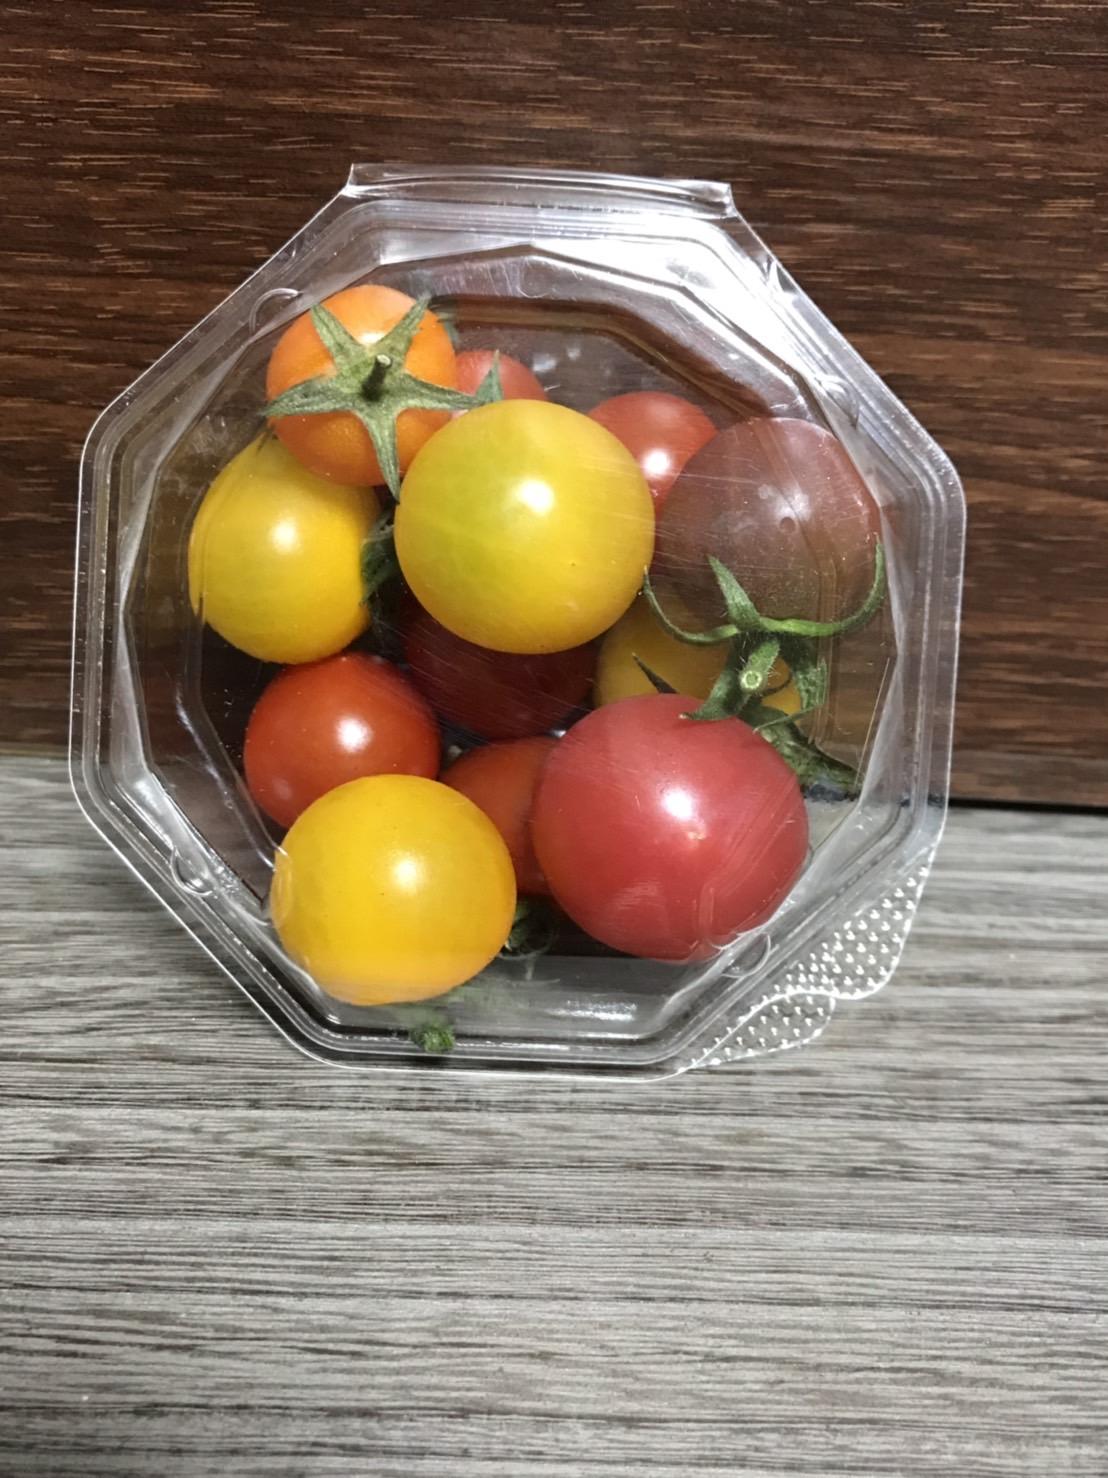 ★単品★ミニトマト(虹トマト)~色々な色のミニトマトが一つのパックに入っている~楽しくておいしい~